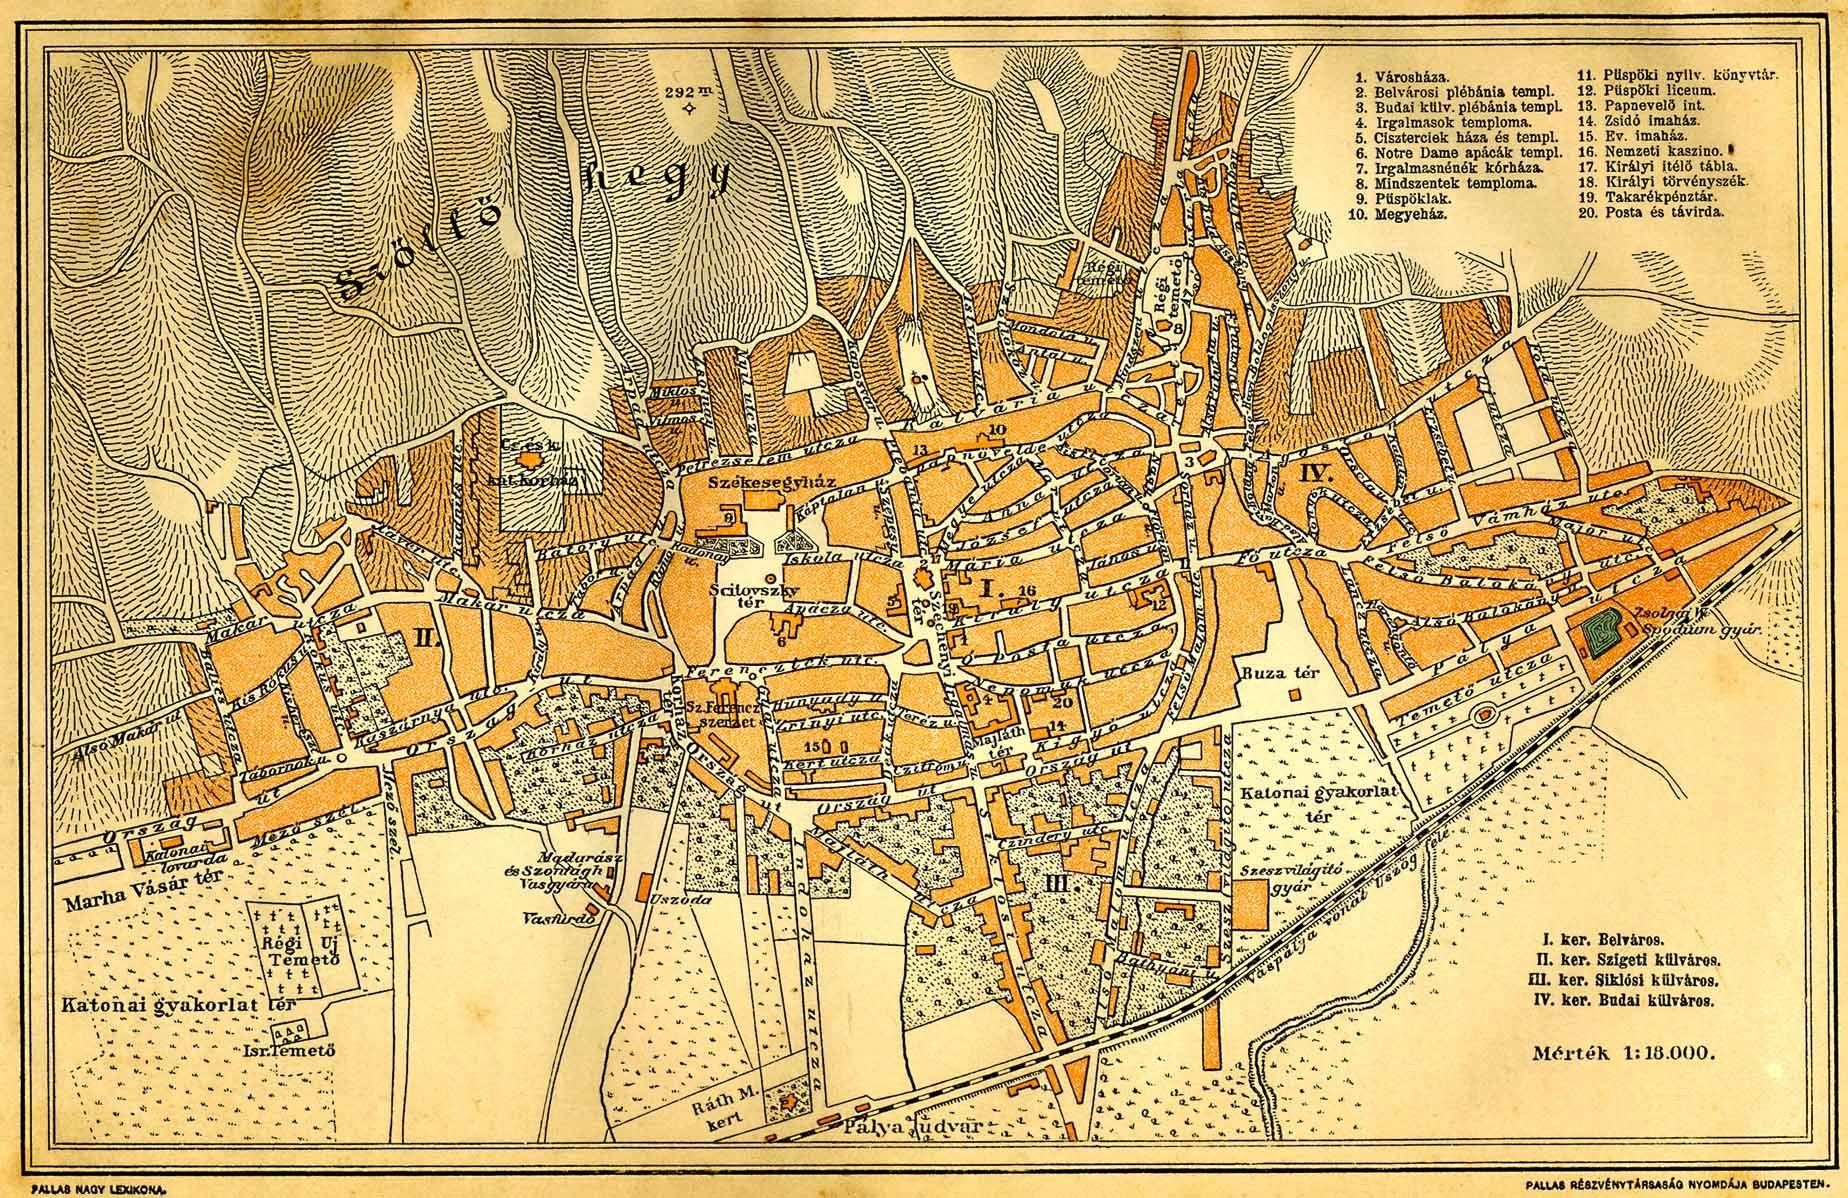 A 19. századi város kerületi felosztása